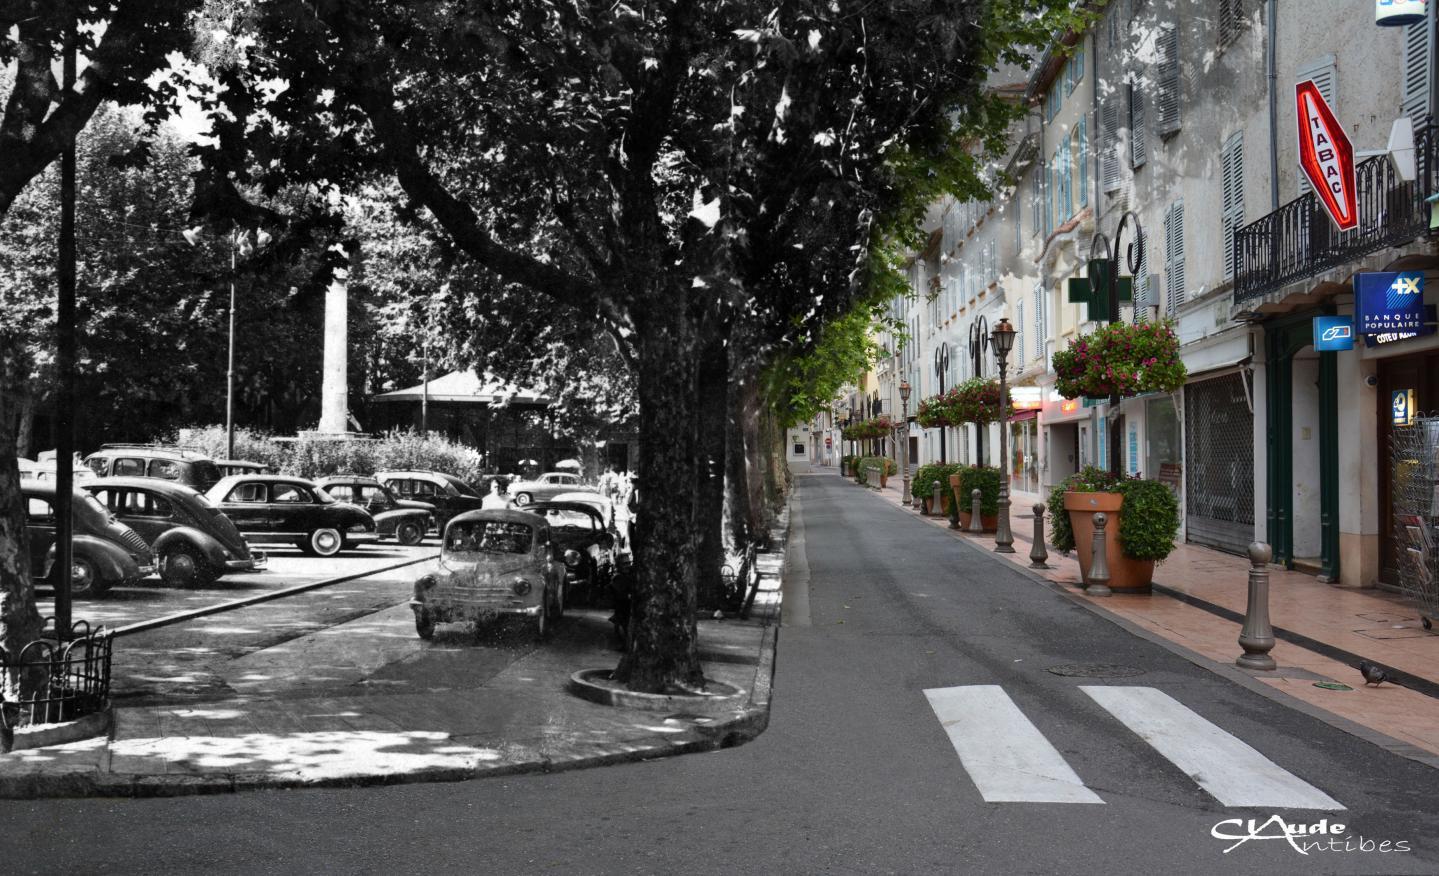 Place Nationale, années 1960. « Les arbres, ce sont toujours les mêmes », souligne Claude Antibes. Et ils doivent en avoir des choses à raconter depuis…